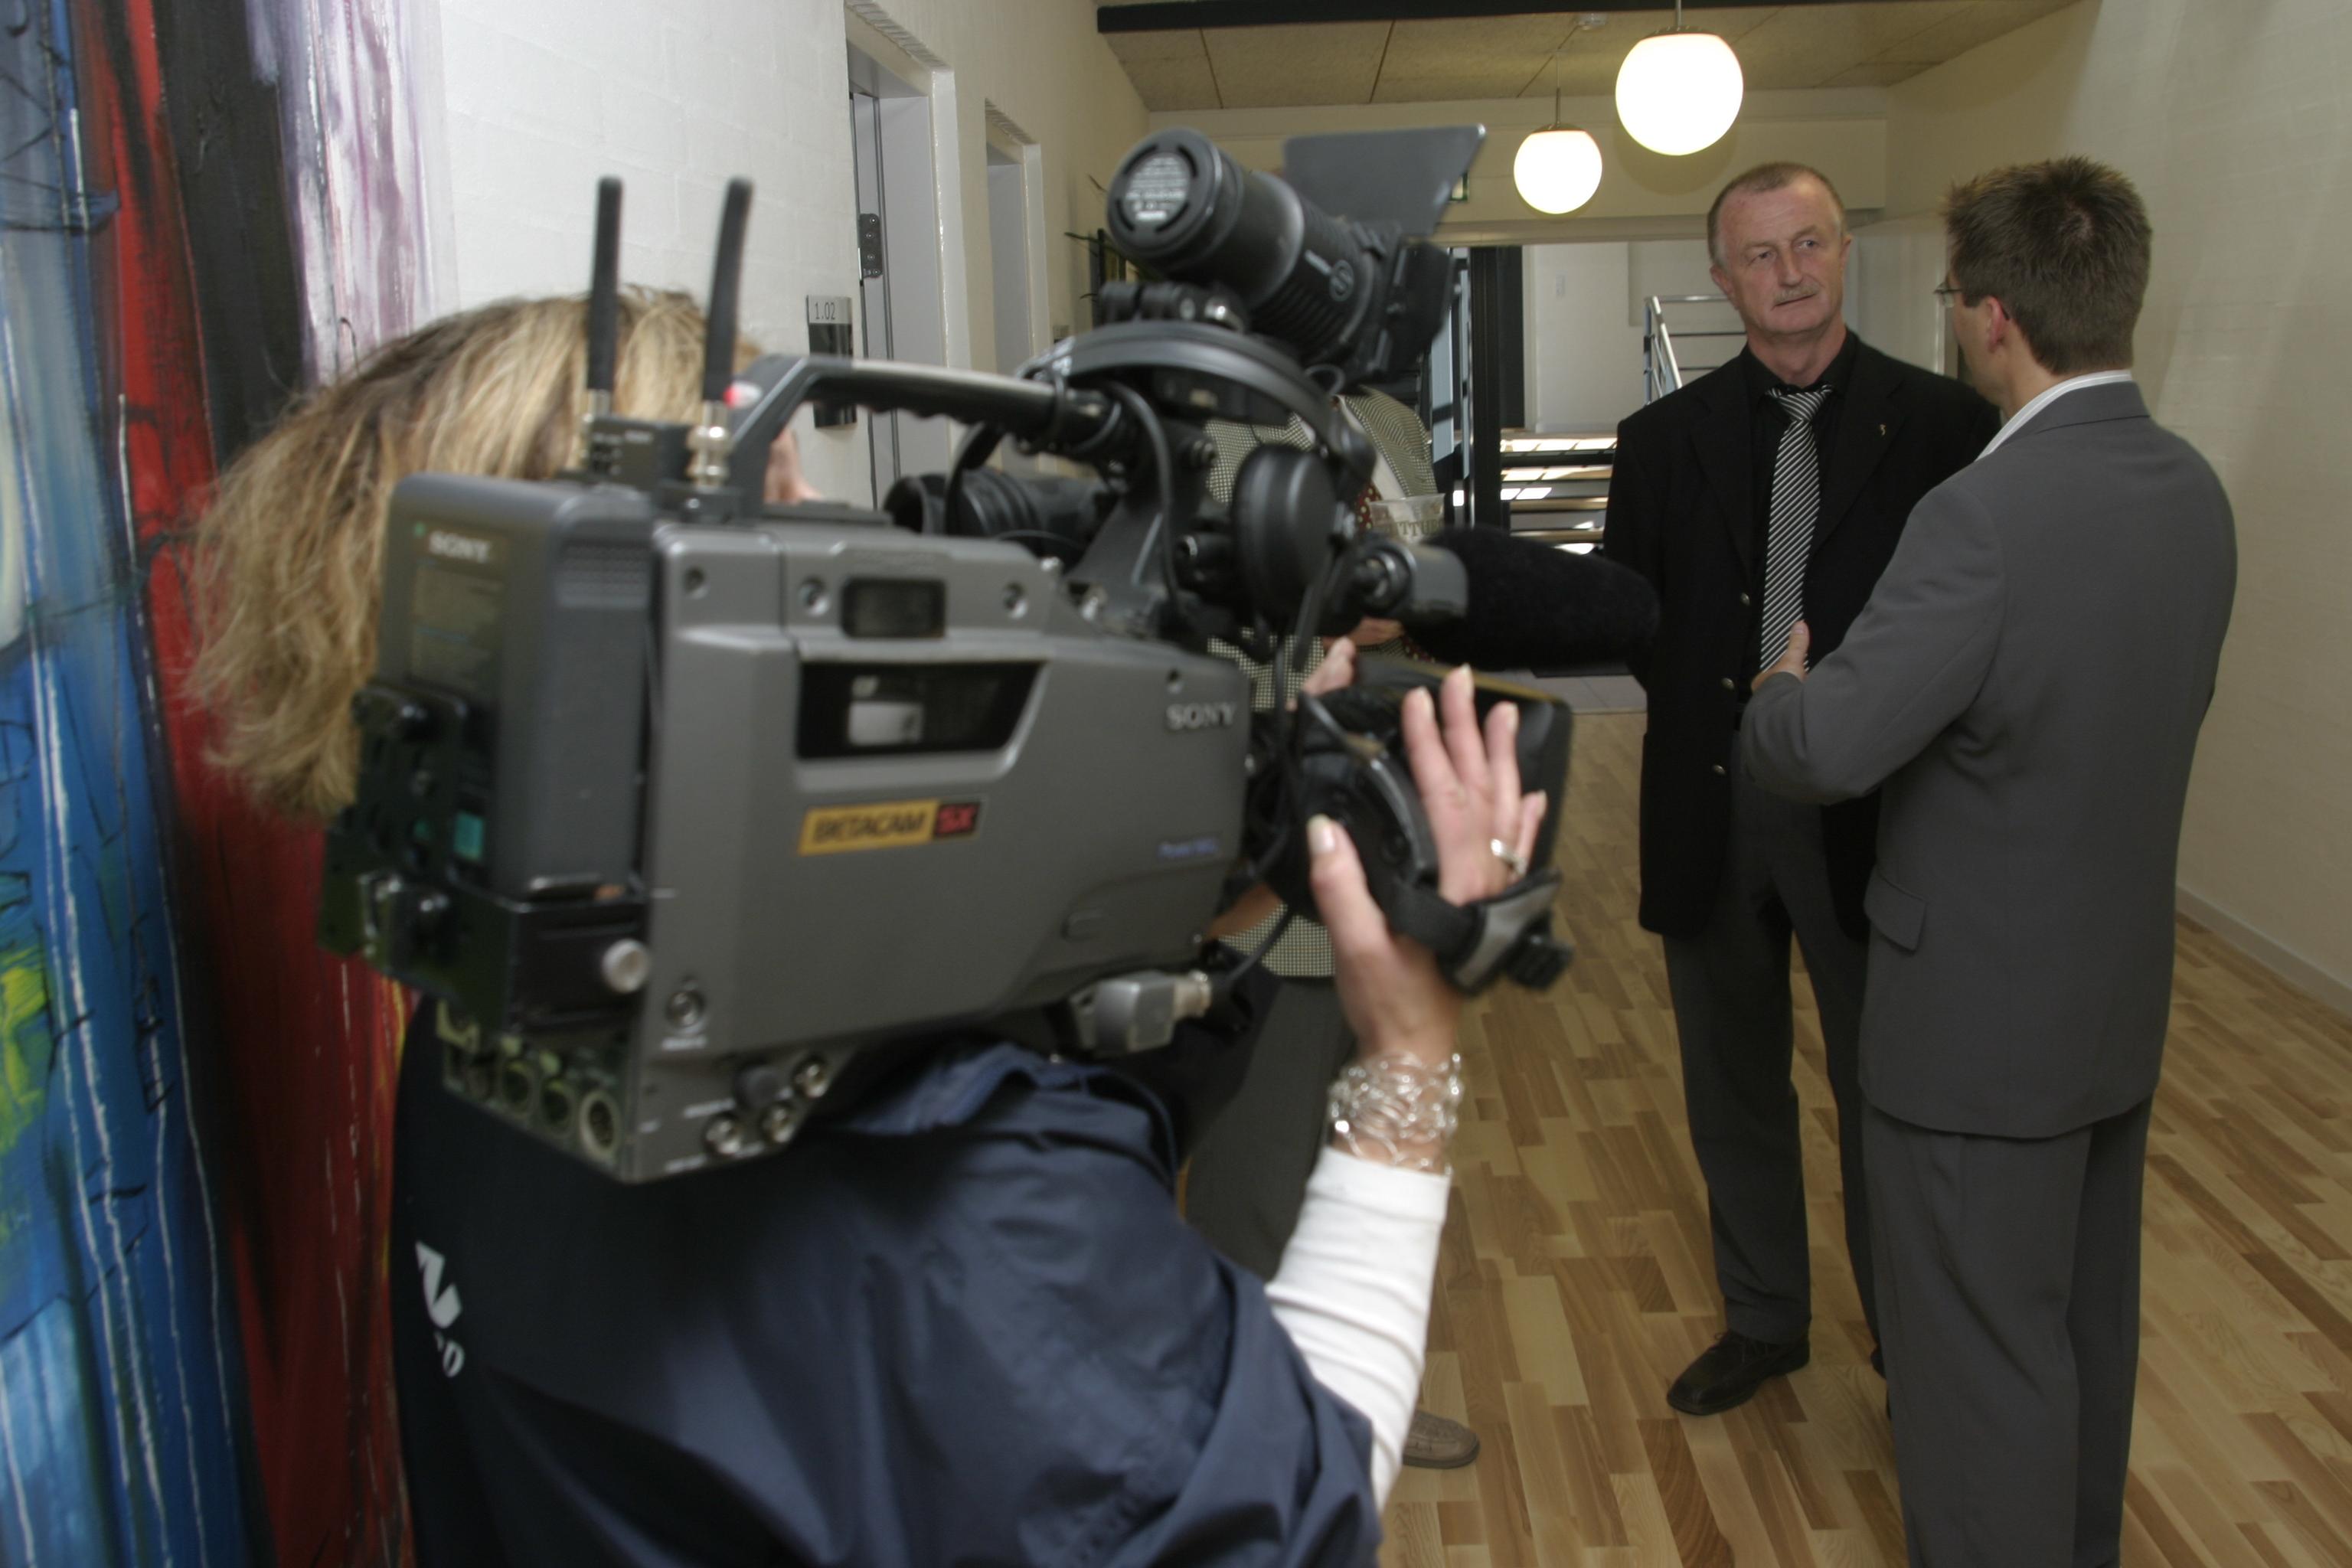 TV fotograf med stort Betacam kamera pŒ sin skulder er ved at optage Lars Larsen og Jacob Boye-M¿ller under indvielsen af V¾kstcenter Vesthimmerland i Fars¿ i Himmerland. © Jan H¿st-Aaris/Signifikant, 7/10-2005